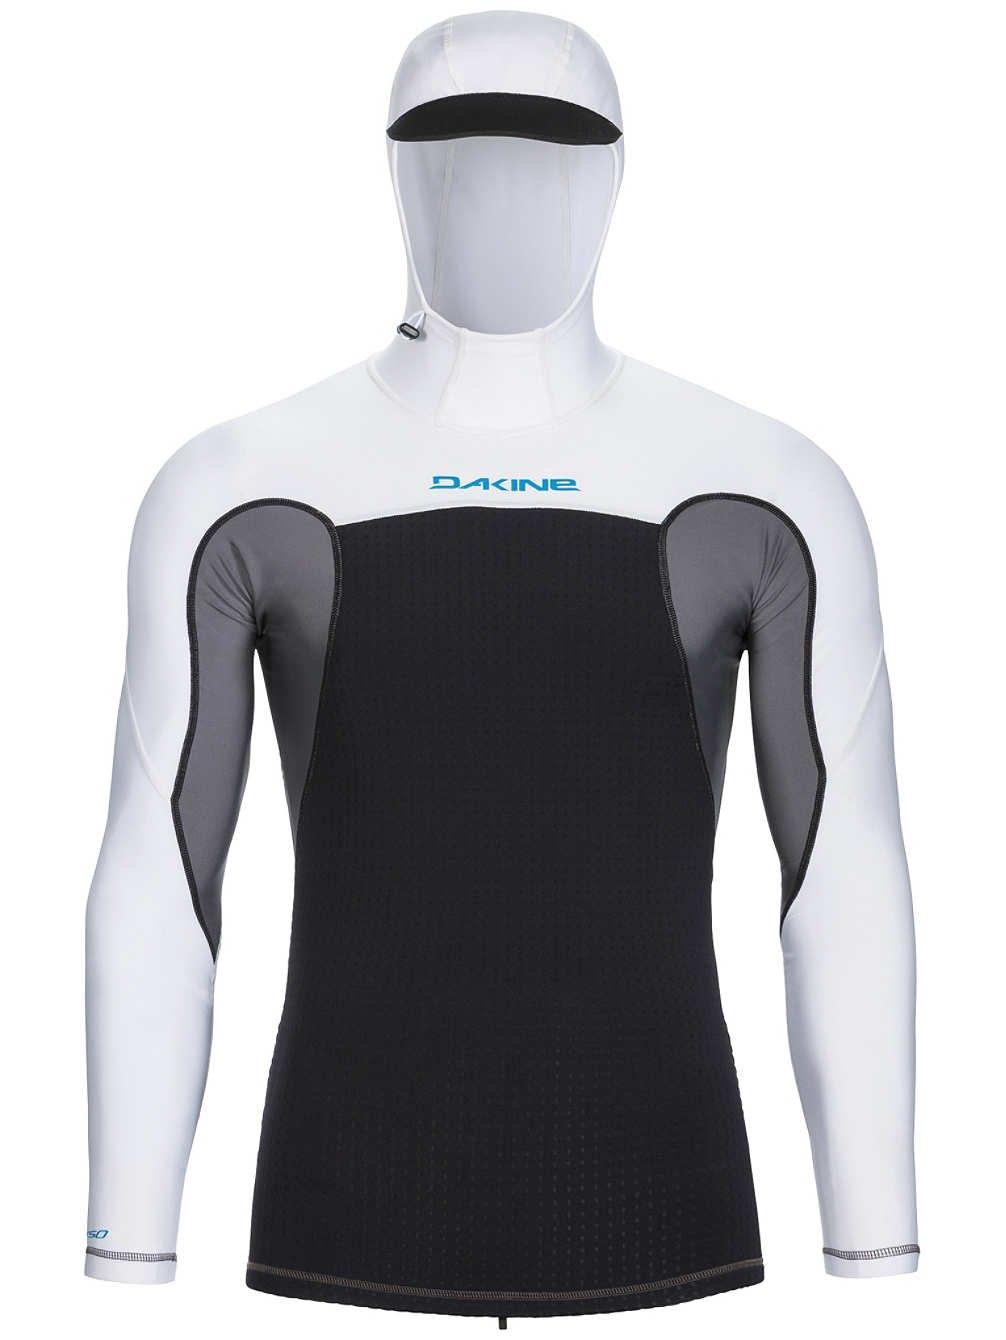 New Dakine Surf Men's Storm Snug Fit Ls Hooded Rashguard Neoprene White